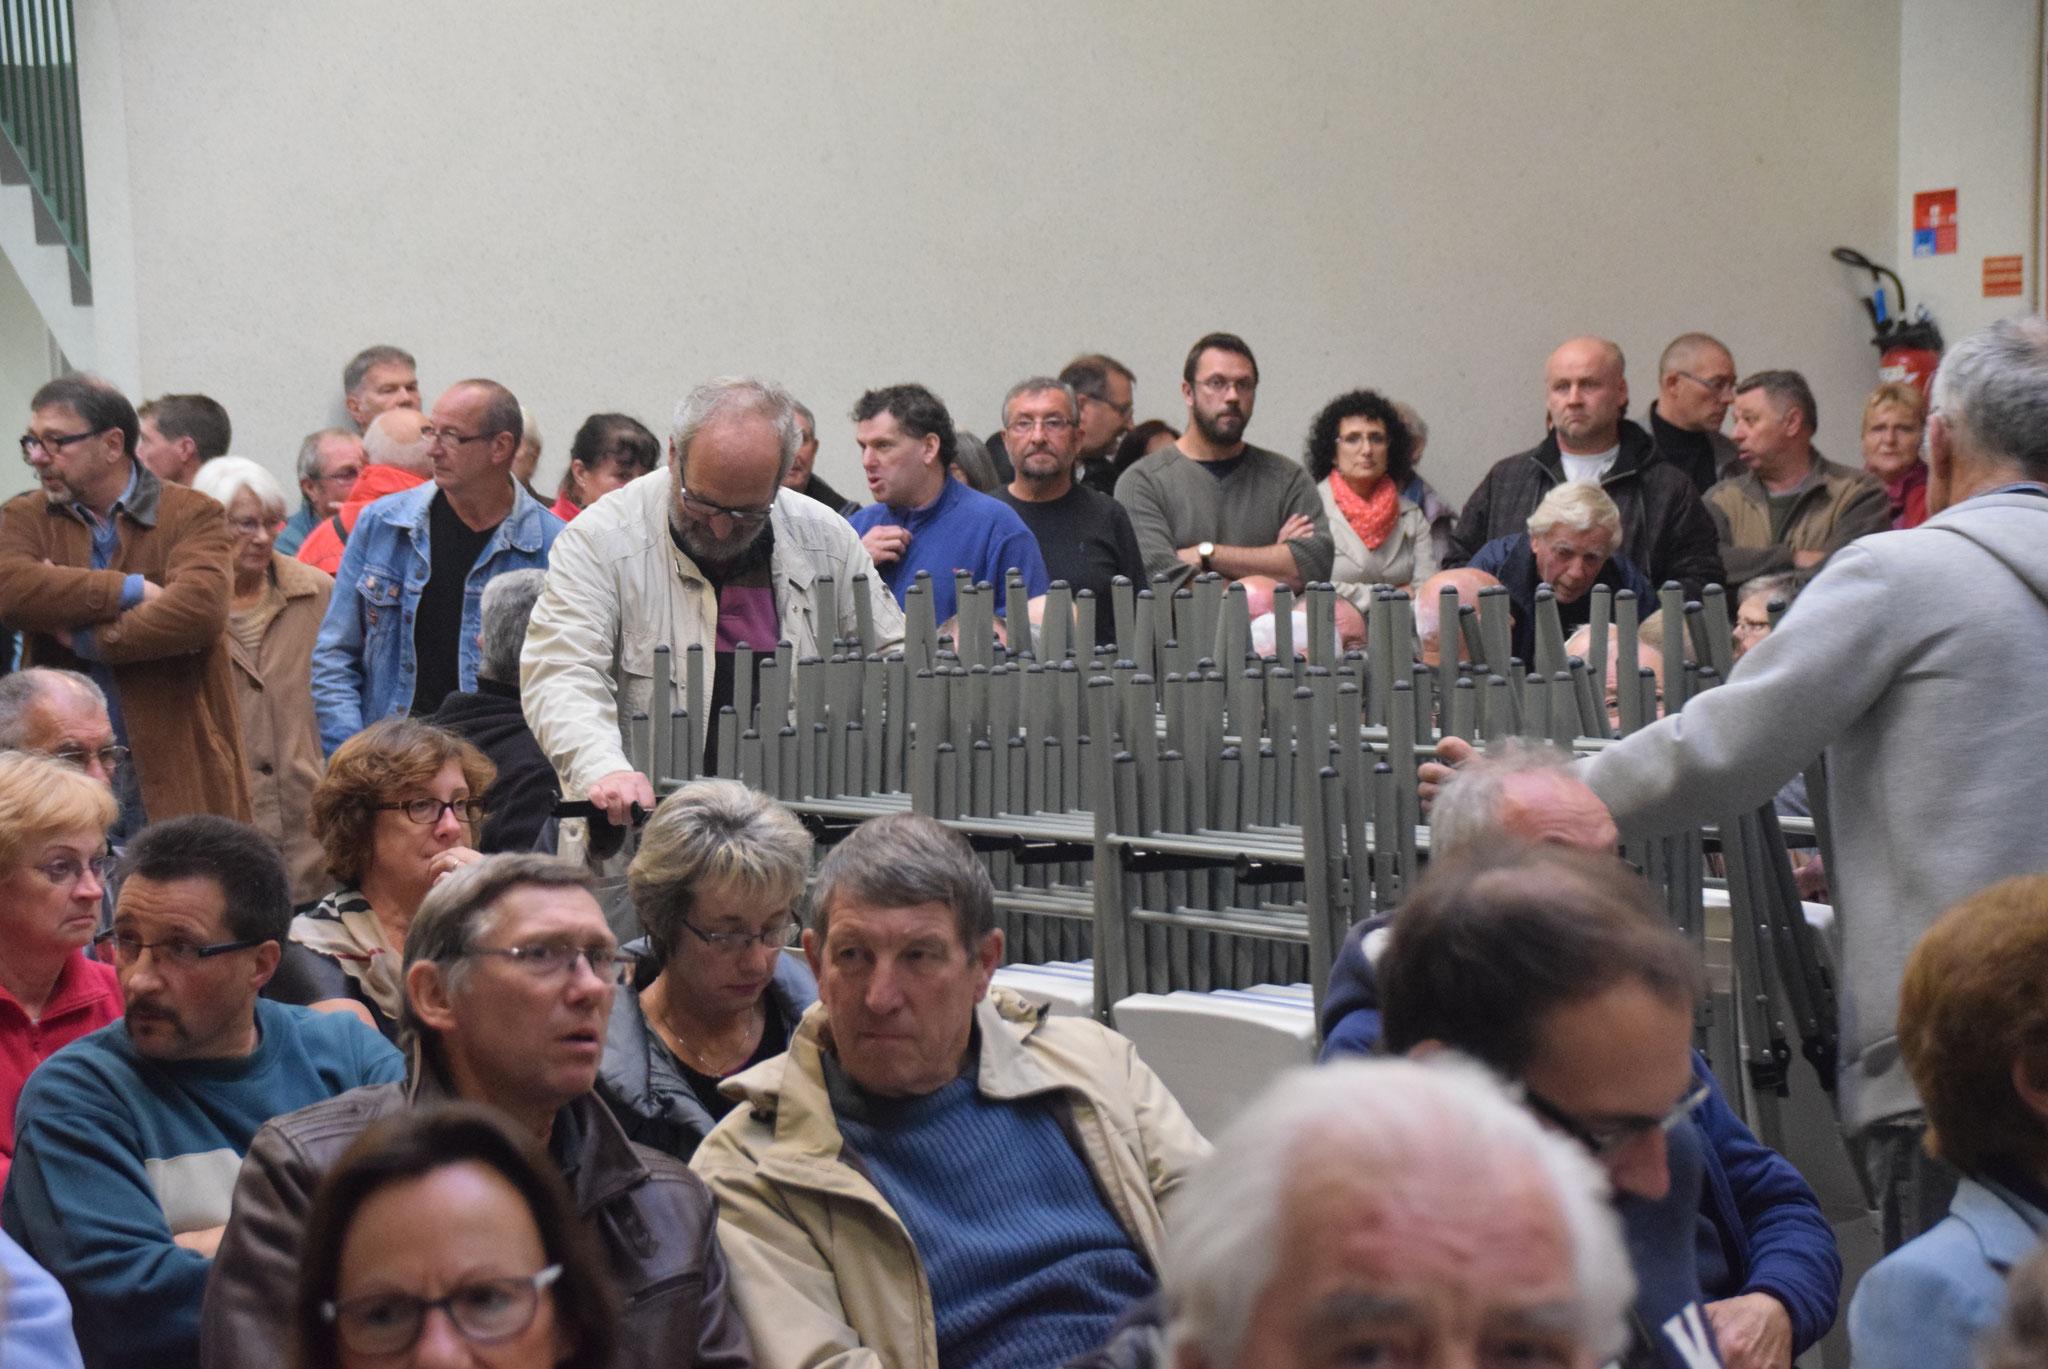 Le public s'est entassé dans la salle des fêtes.